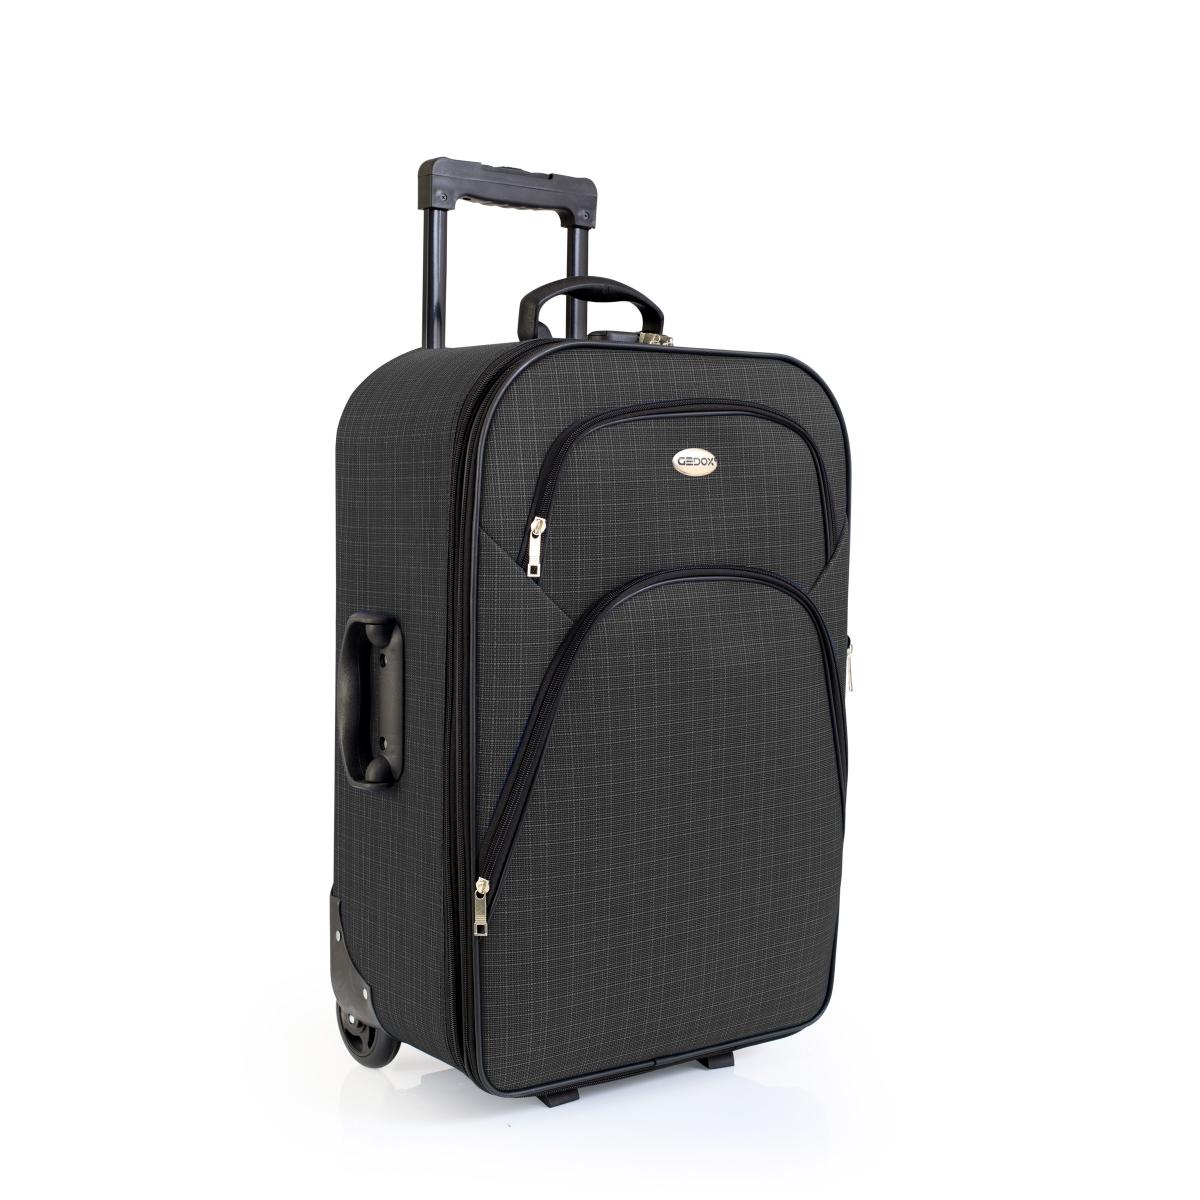 Gedox 2 Teker Geniş Kasa Havlu Kumaş 3'lü Valiz Seyahat Seti - Model: 1005.02 Koyu gri